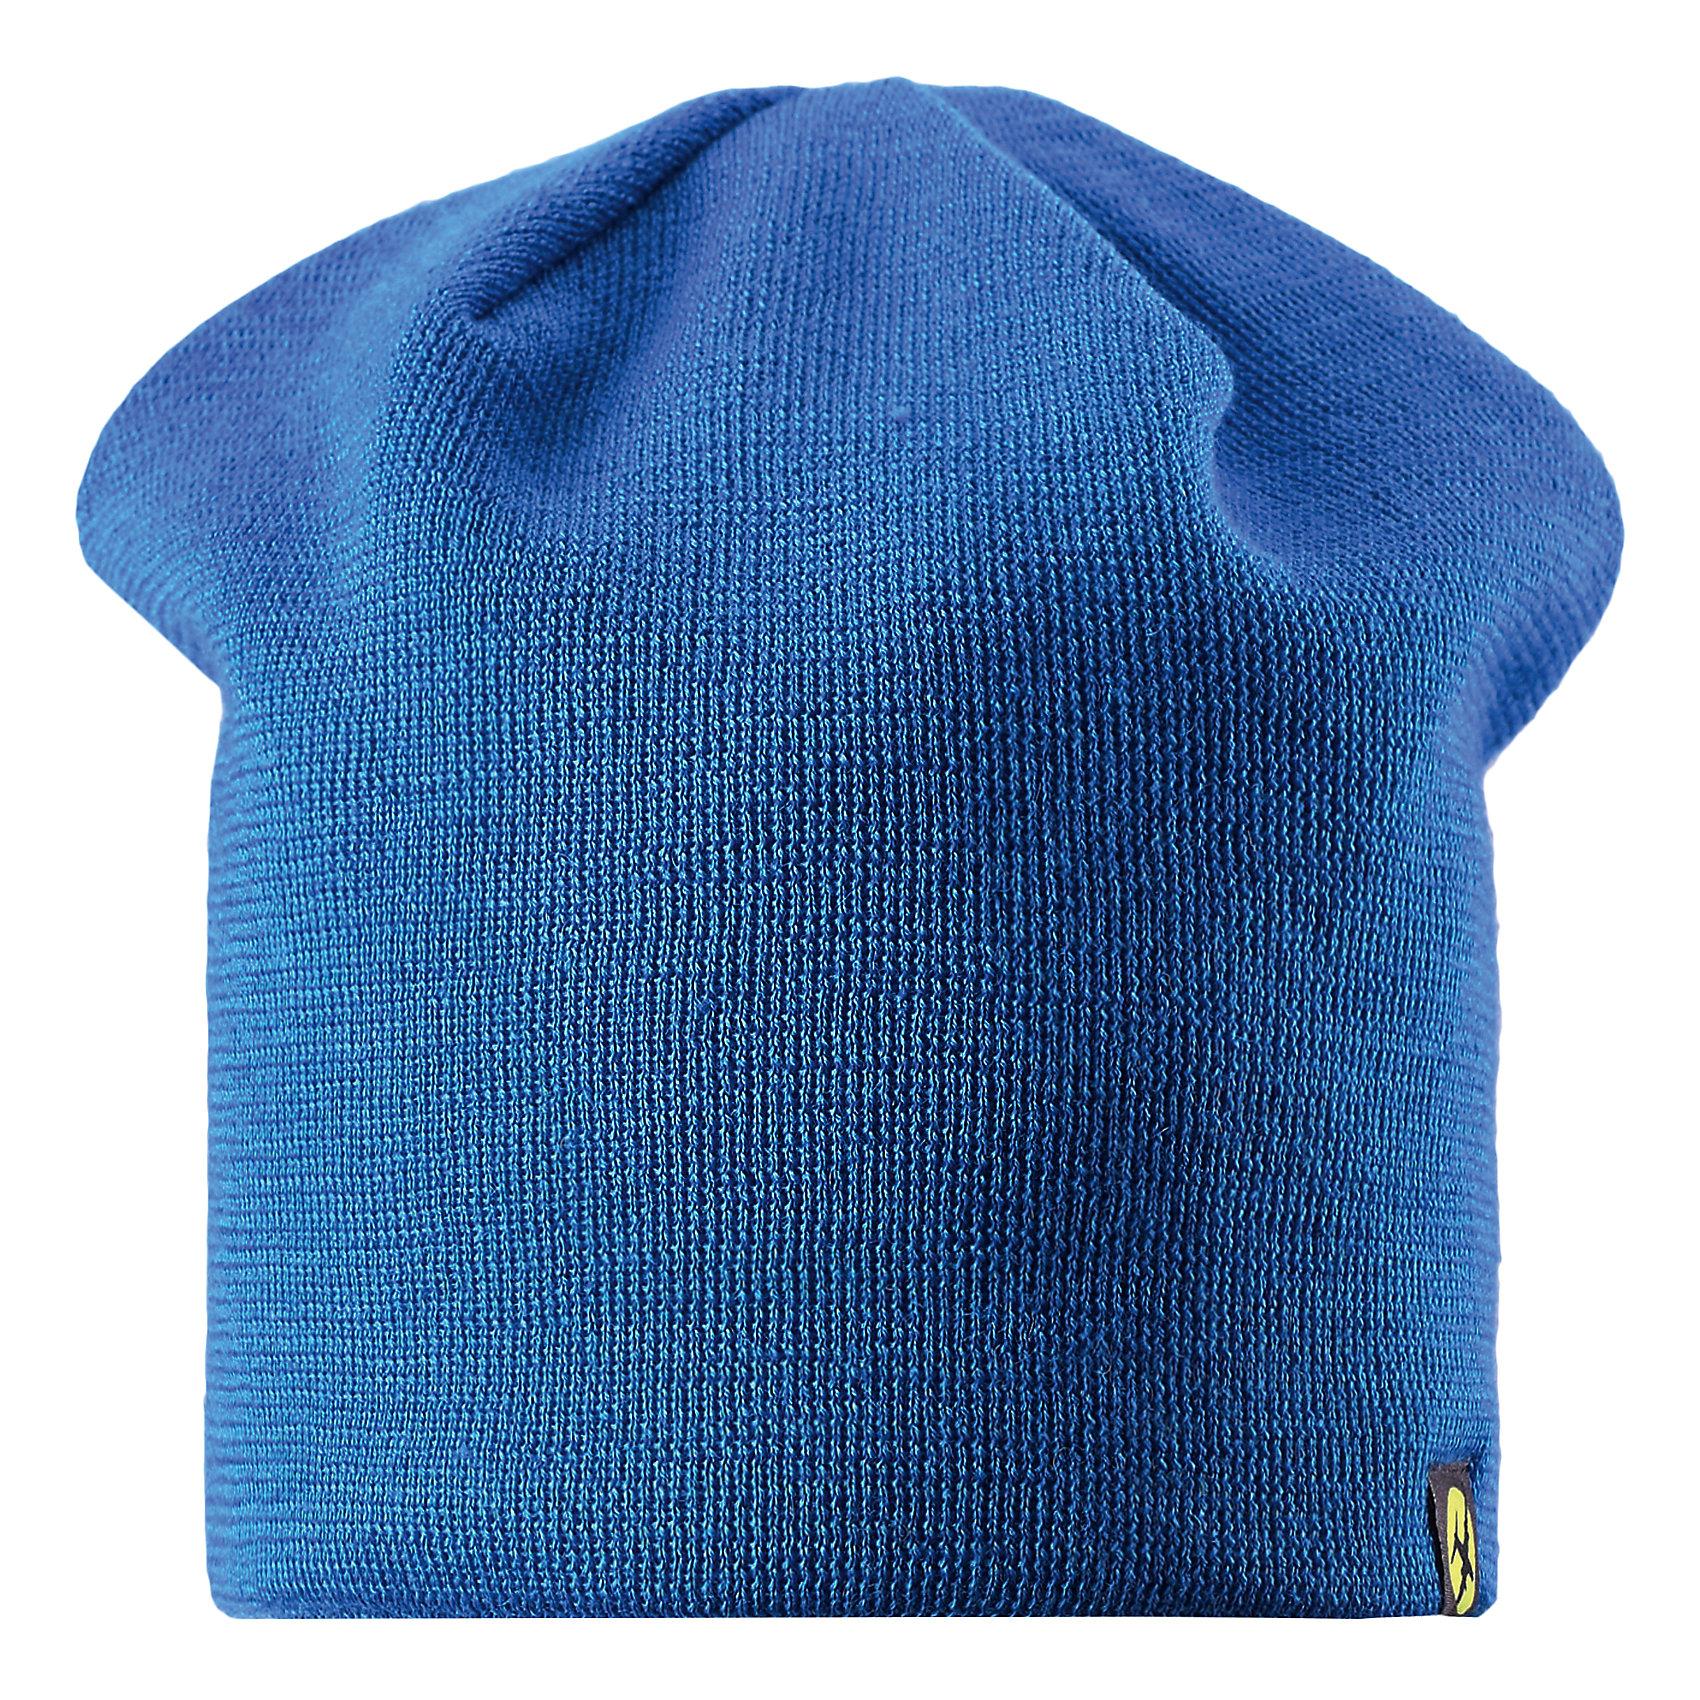 Шапка для мальчика LASSIEШапка «Бини» для детей известной финской марки.<br><br>- Мягкая и теплая ткань из смеси шерсти.<br><br>- Ветронепроницаемые вставки в области ушей.<br>- Мягкая теплая подкладка из флиса. <br>- Помпон сверху. <br>- Декоративная структура поверхности. <br>- Светоотражающая эмблема Lassie® спереди.  <br><br>Рекомендации по уходу: Придать первоначальную форму вo влажном виде. <br><br>Возможна усадка 5 %.Состав: 50% Шерсть, 50% полиакрил.<br><br>Ширина мм: 89<br>Глубина мм: 117<br>Высота мм: 44<br>Вес г: 155<br>Цвет: синий<br>Возраст от месяцев: 12<br>Возраст до месяцев: 24<br>Пол: Мужской<br>Возраст: Детский<br>Размер: 46-48,54-56,50-52<br>SKU: 4780713